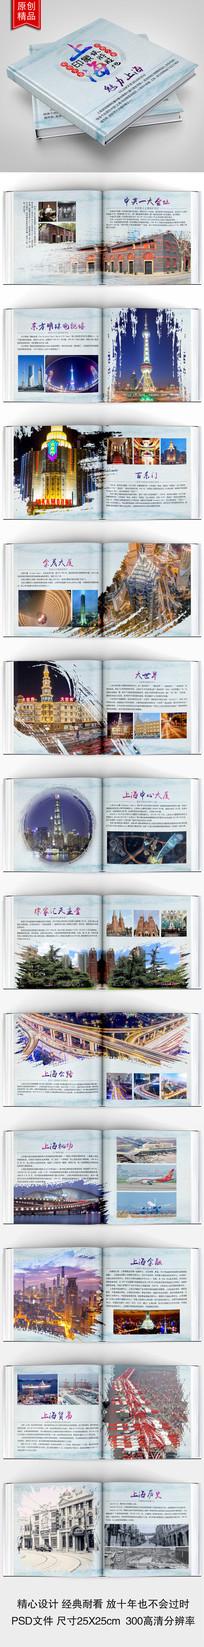 经典中国风上海印象旅游画册